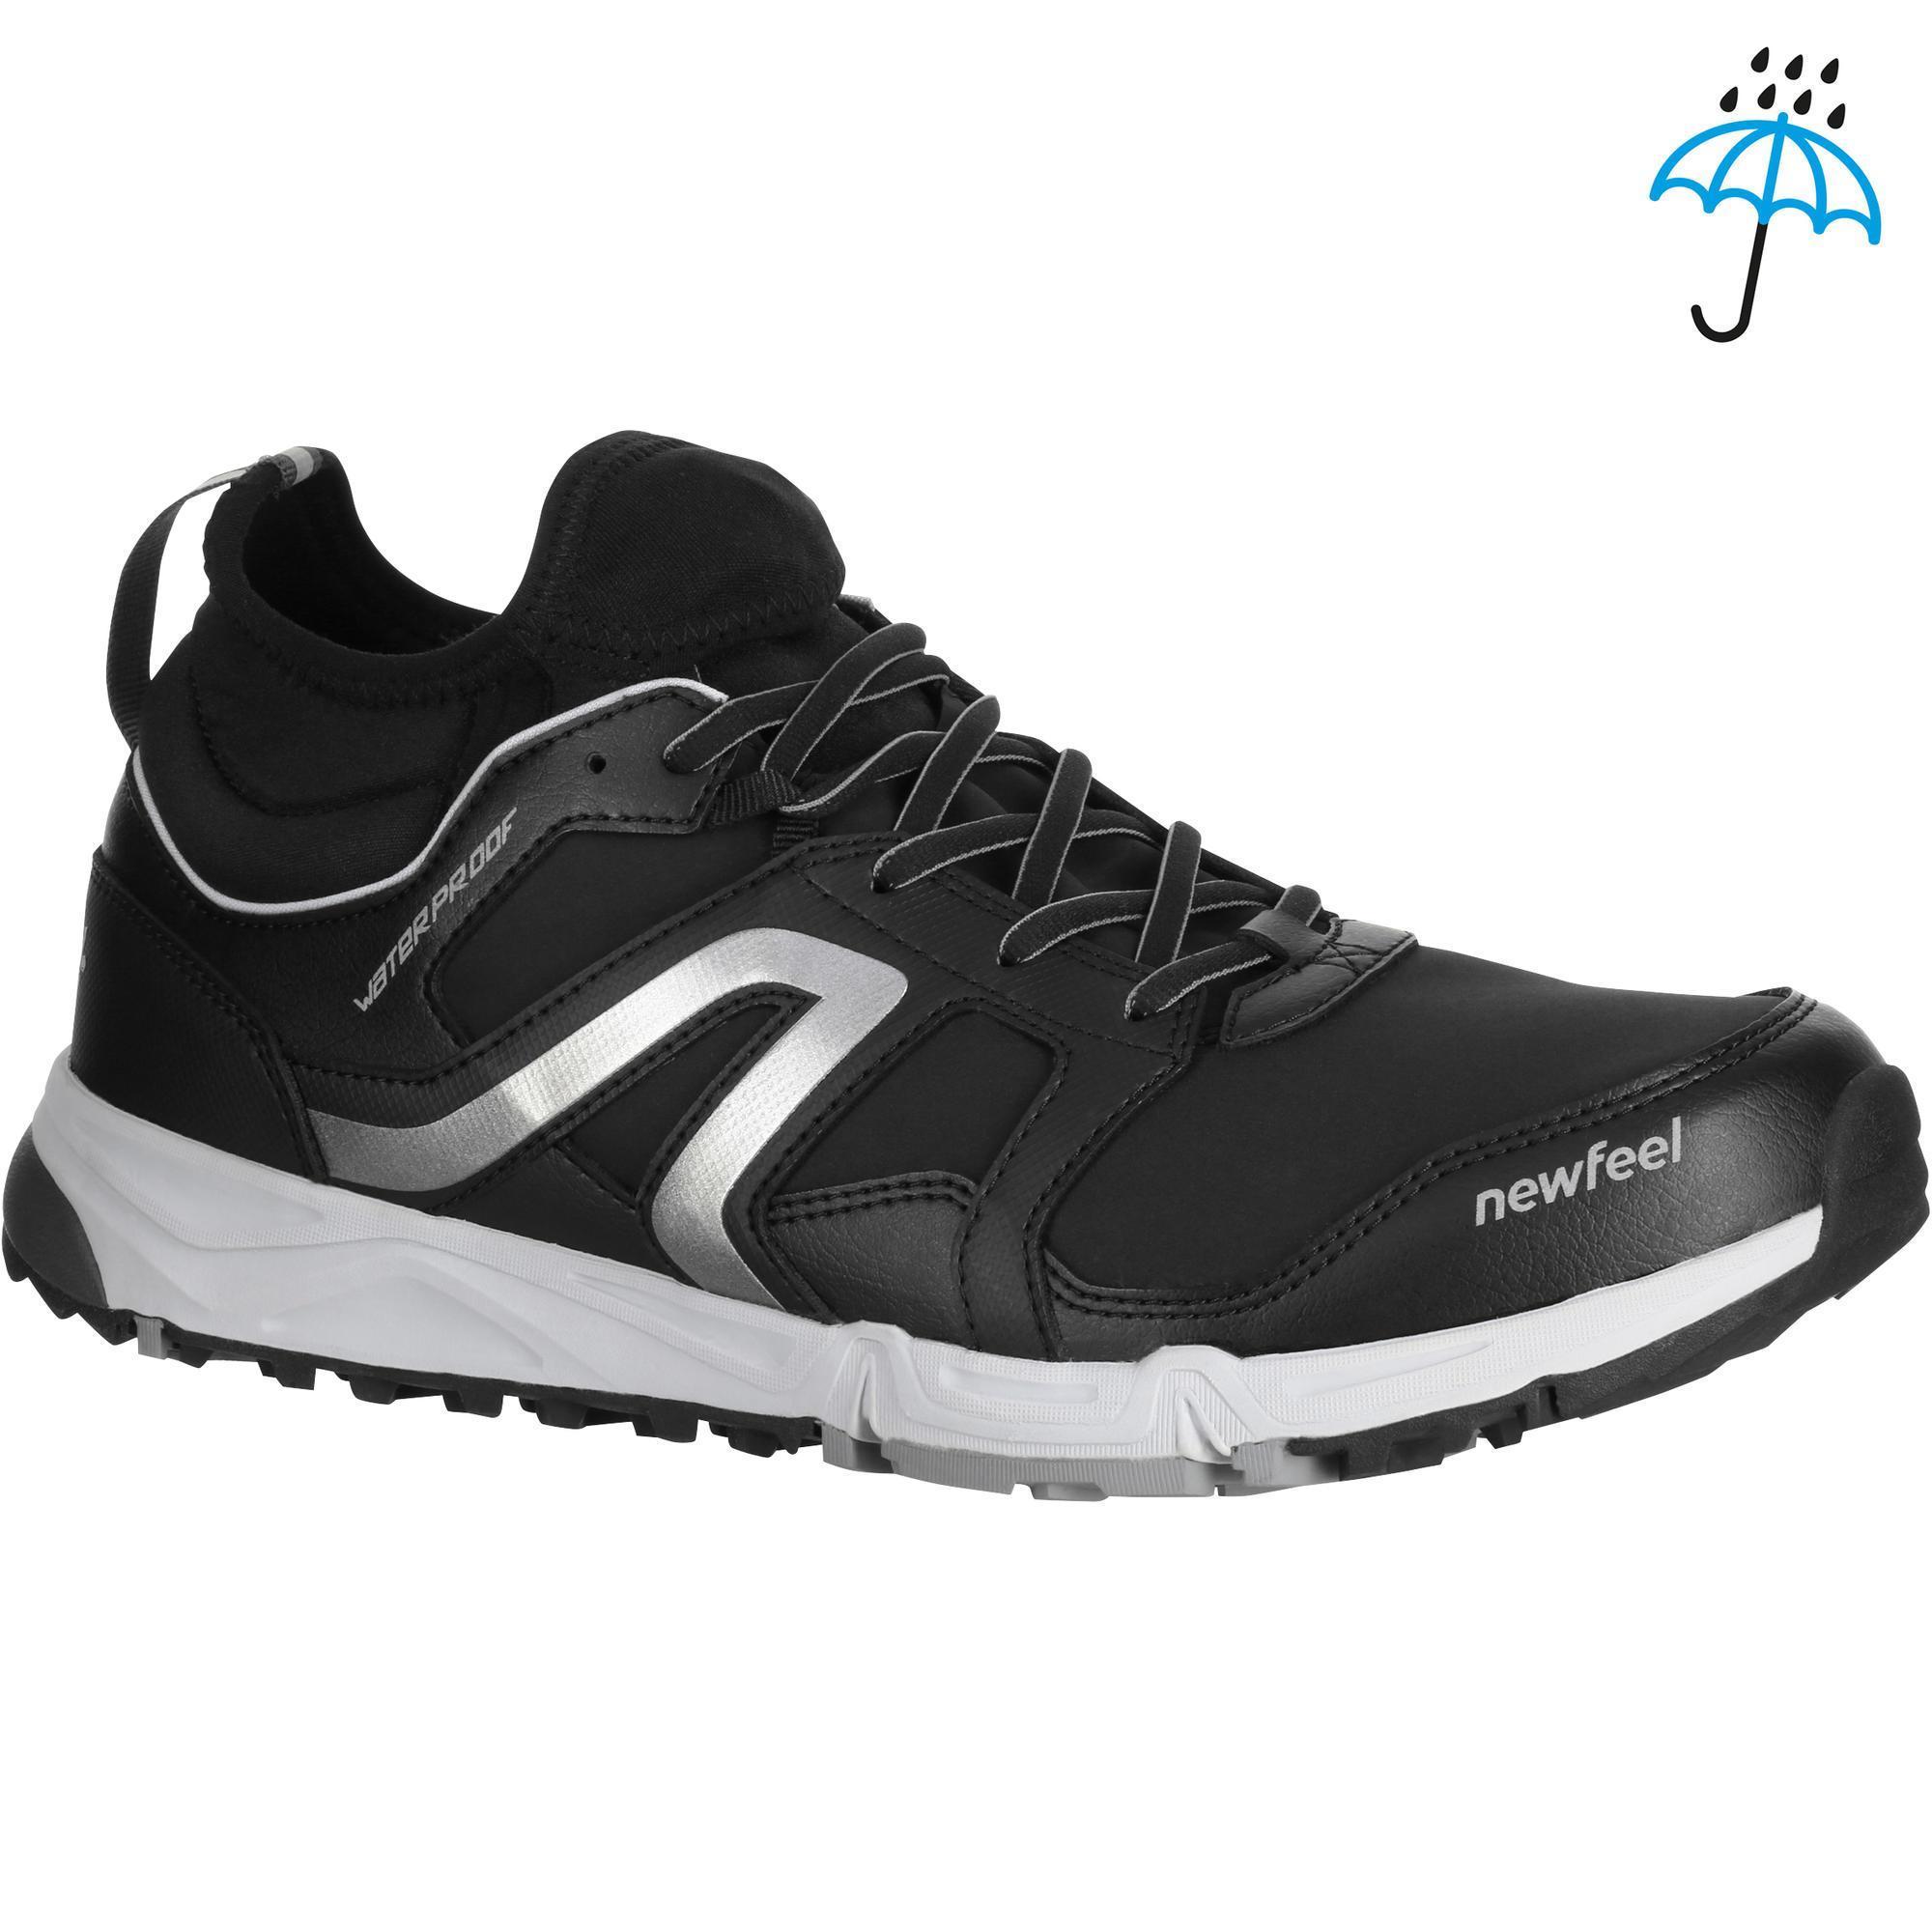 Newfeel Nordic walking schoenen voor heren NW 580 Flex-H waterproof zwart